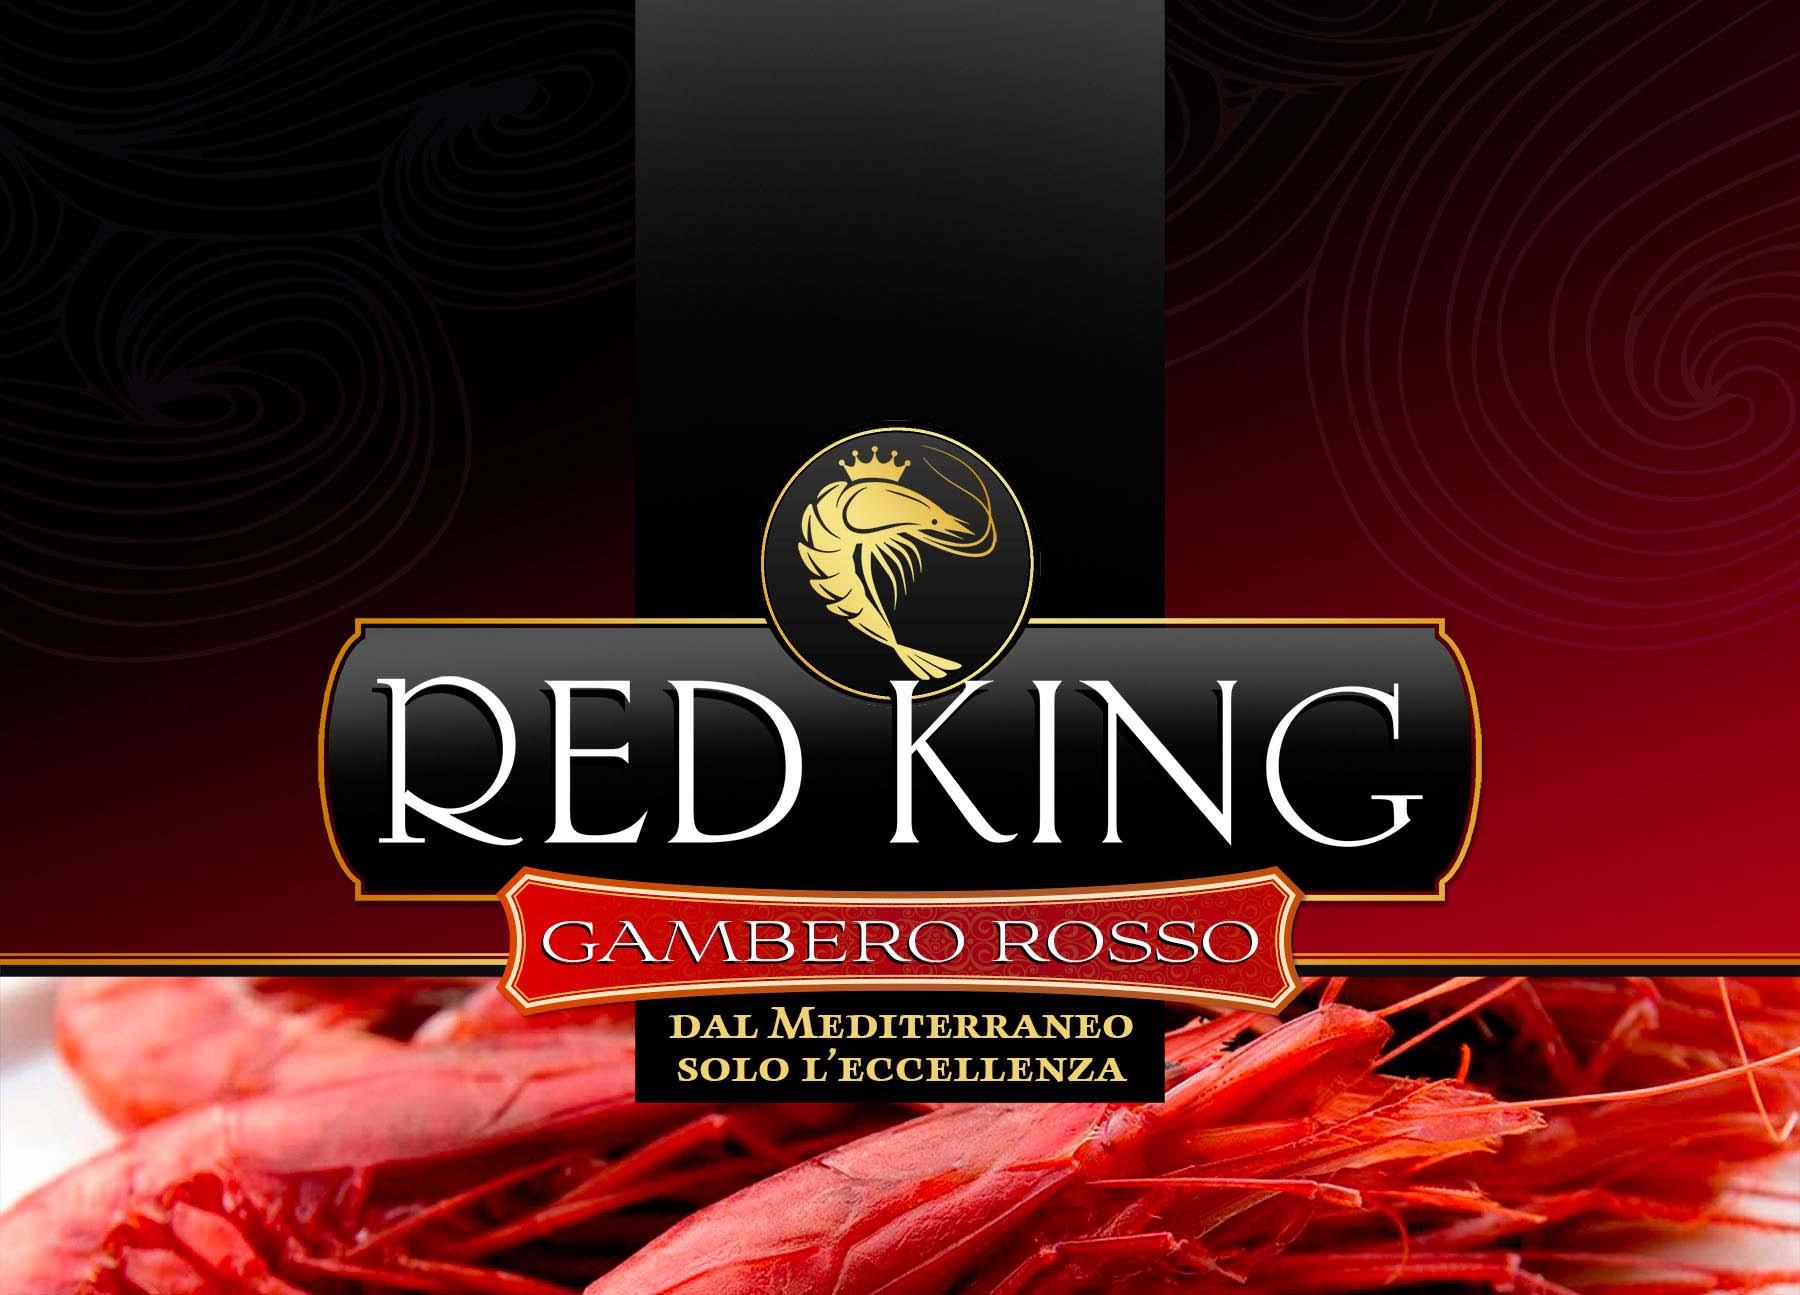 Pa surgelati pesce gambero rosso red king pasticceria sicilia for Pesce rosso costo